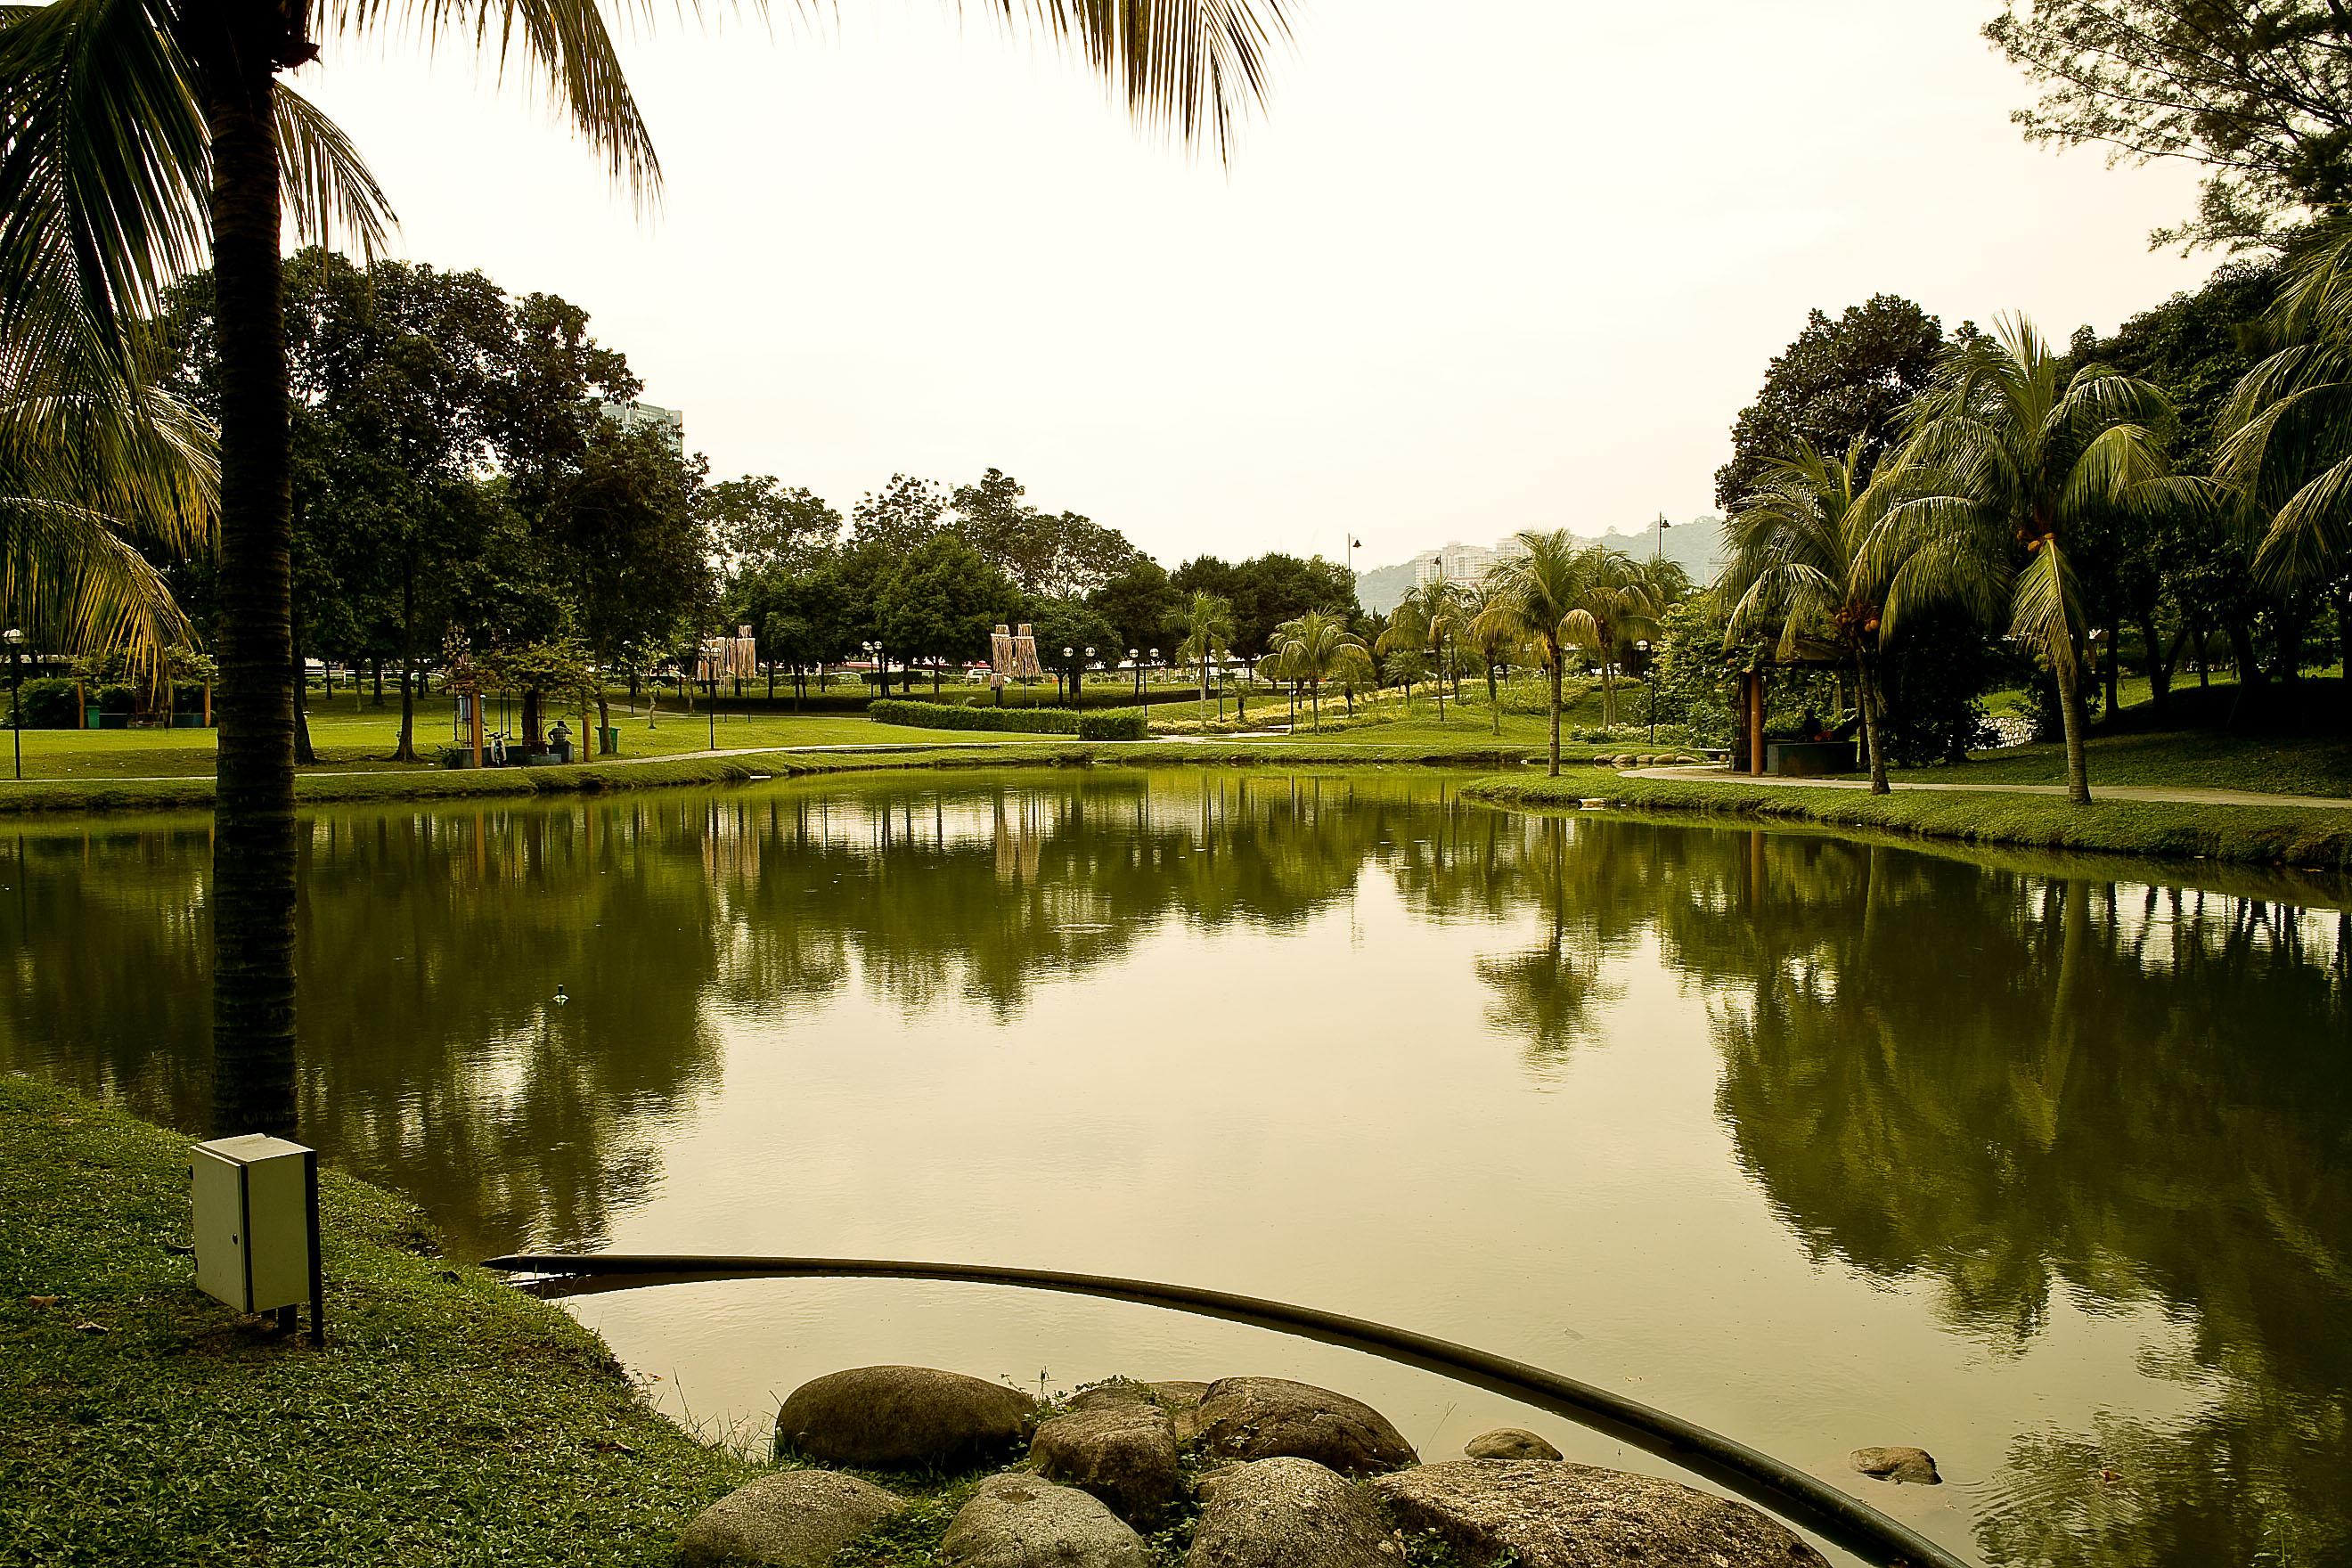 Petaling Jaya city park